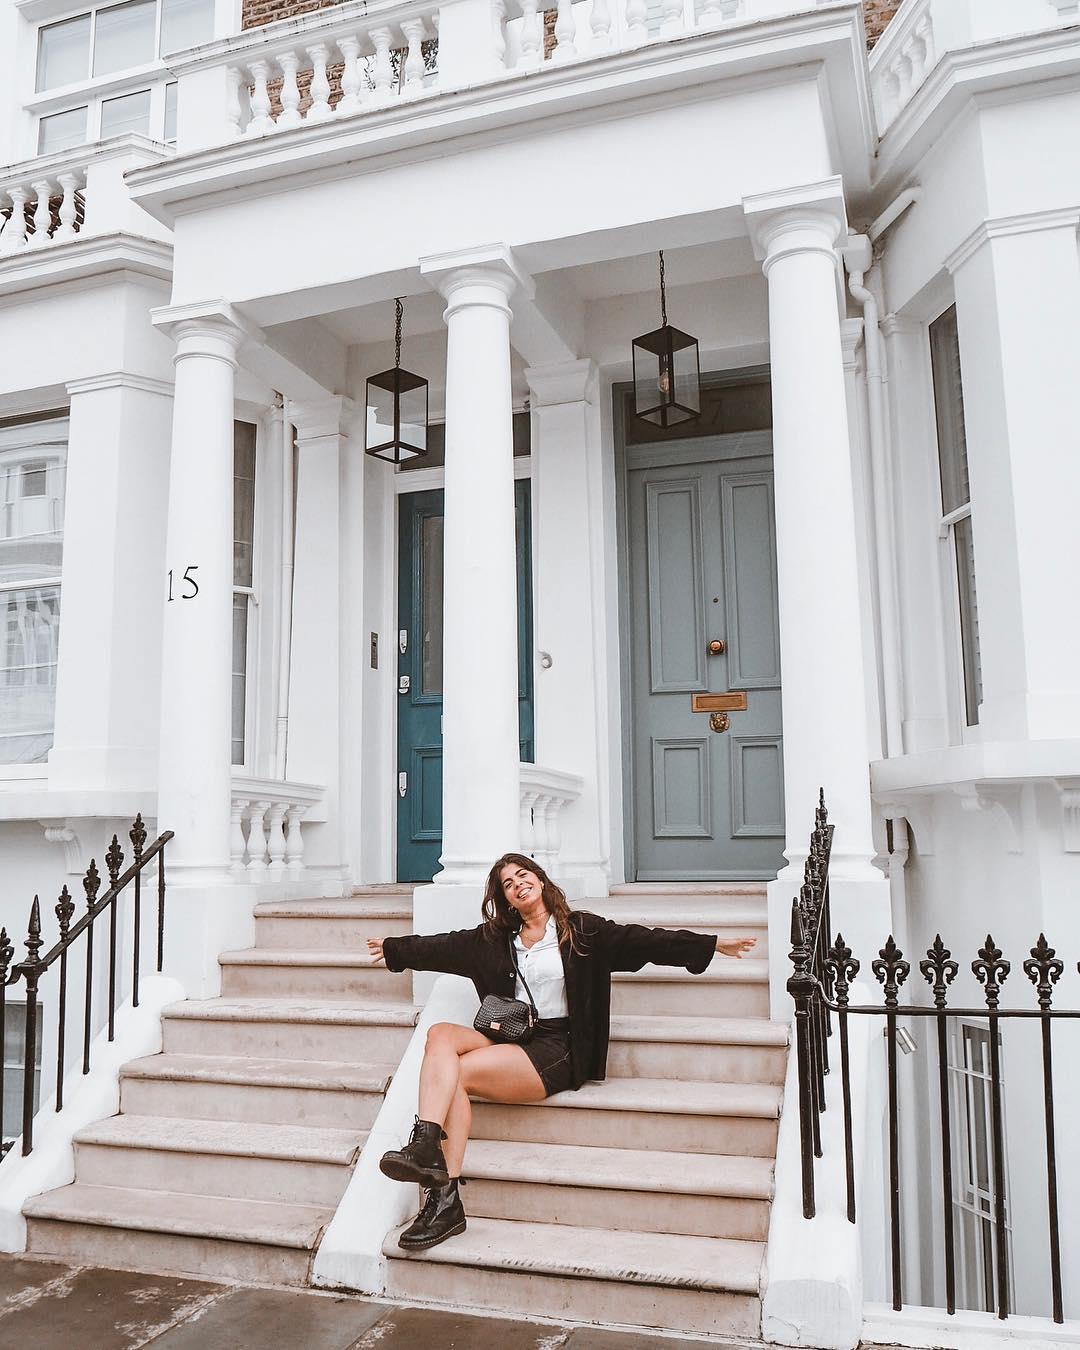 où dormir a londres - femme qui pose sur les escaliers d'une maison blanche